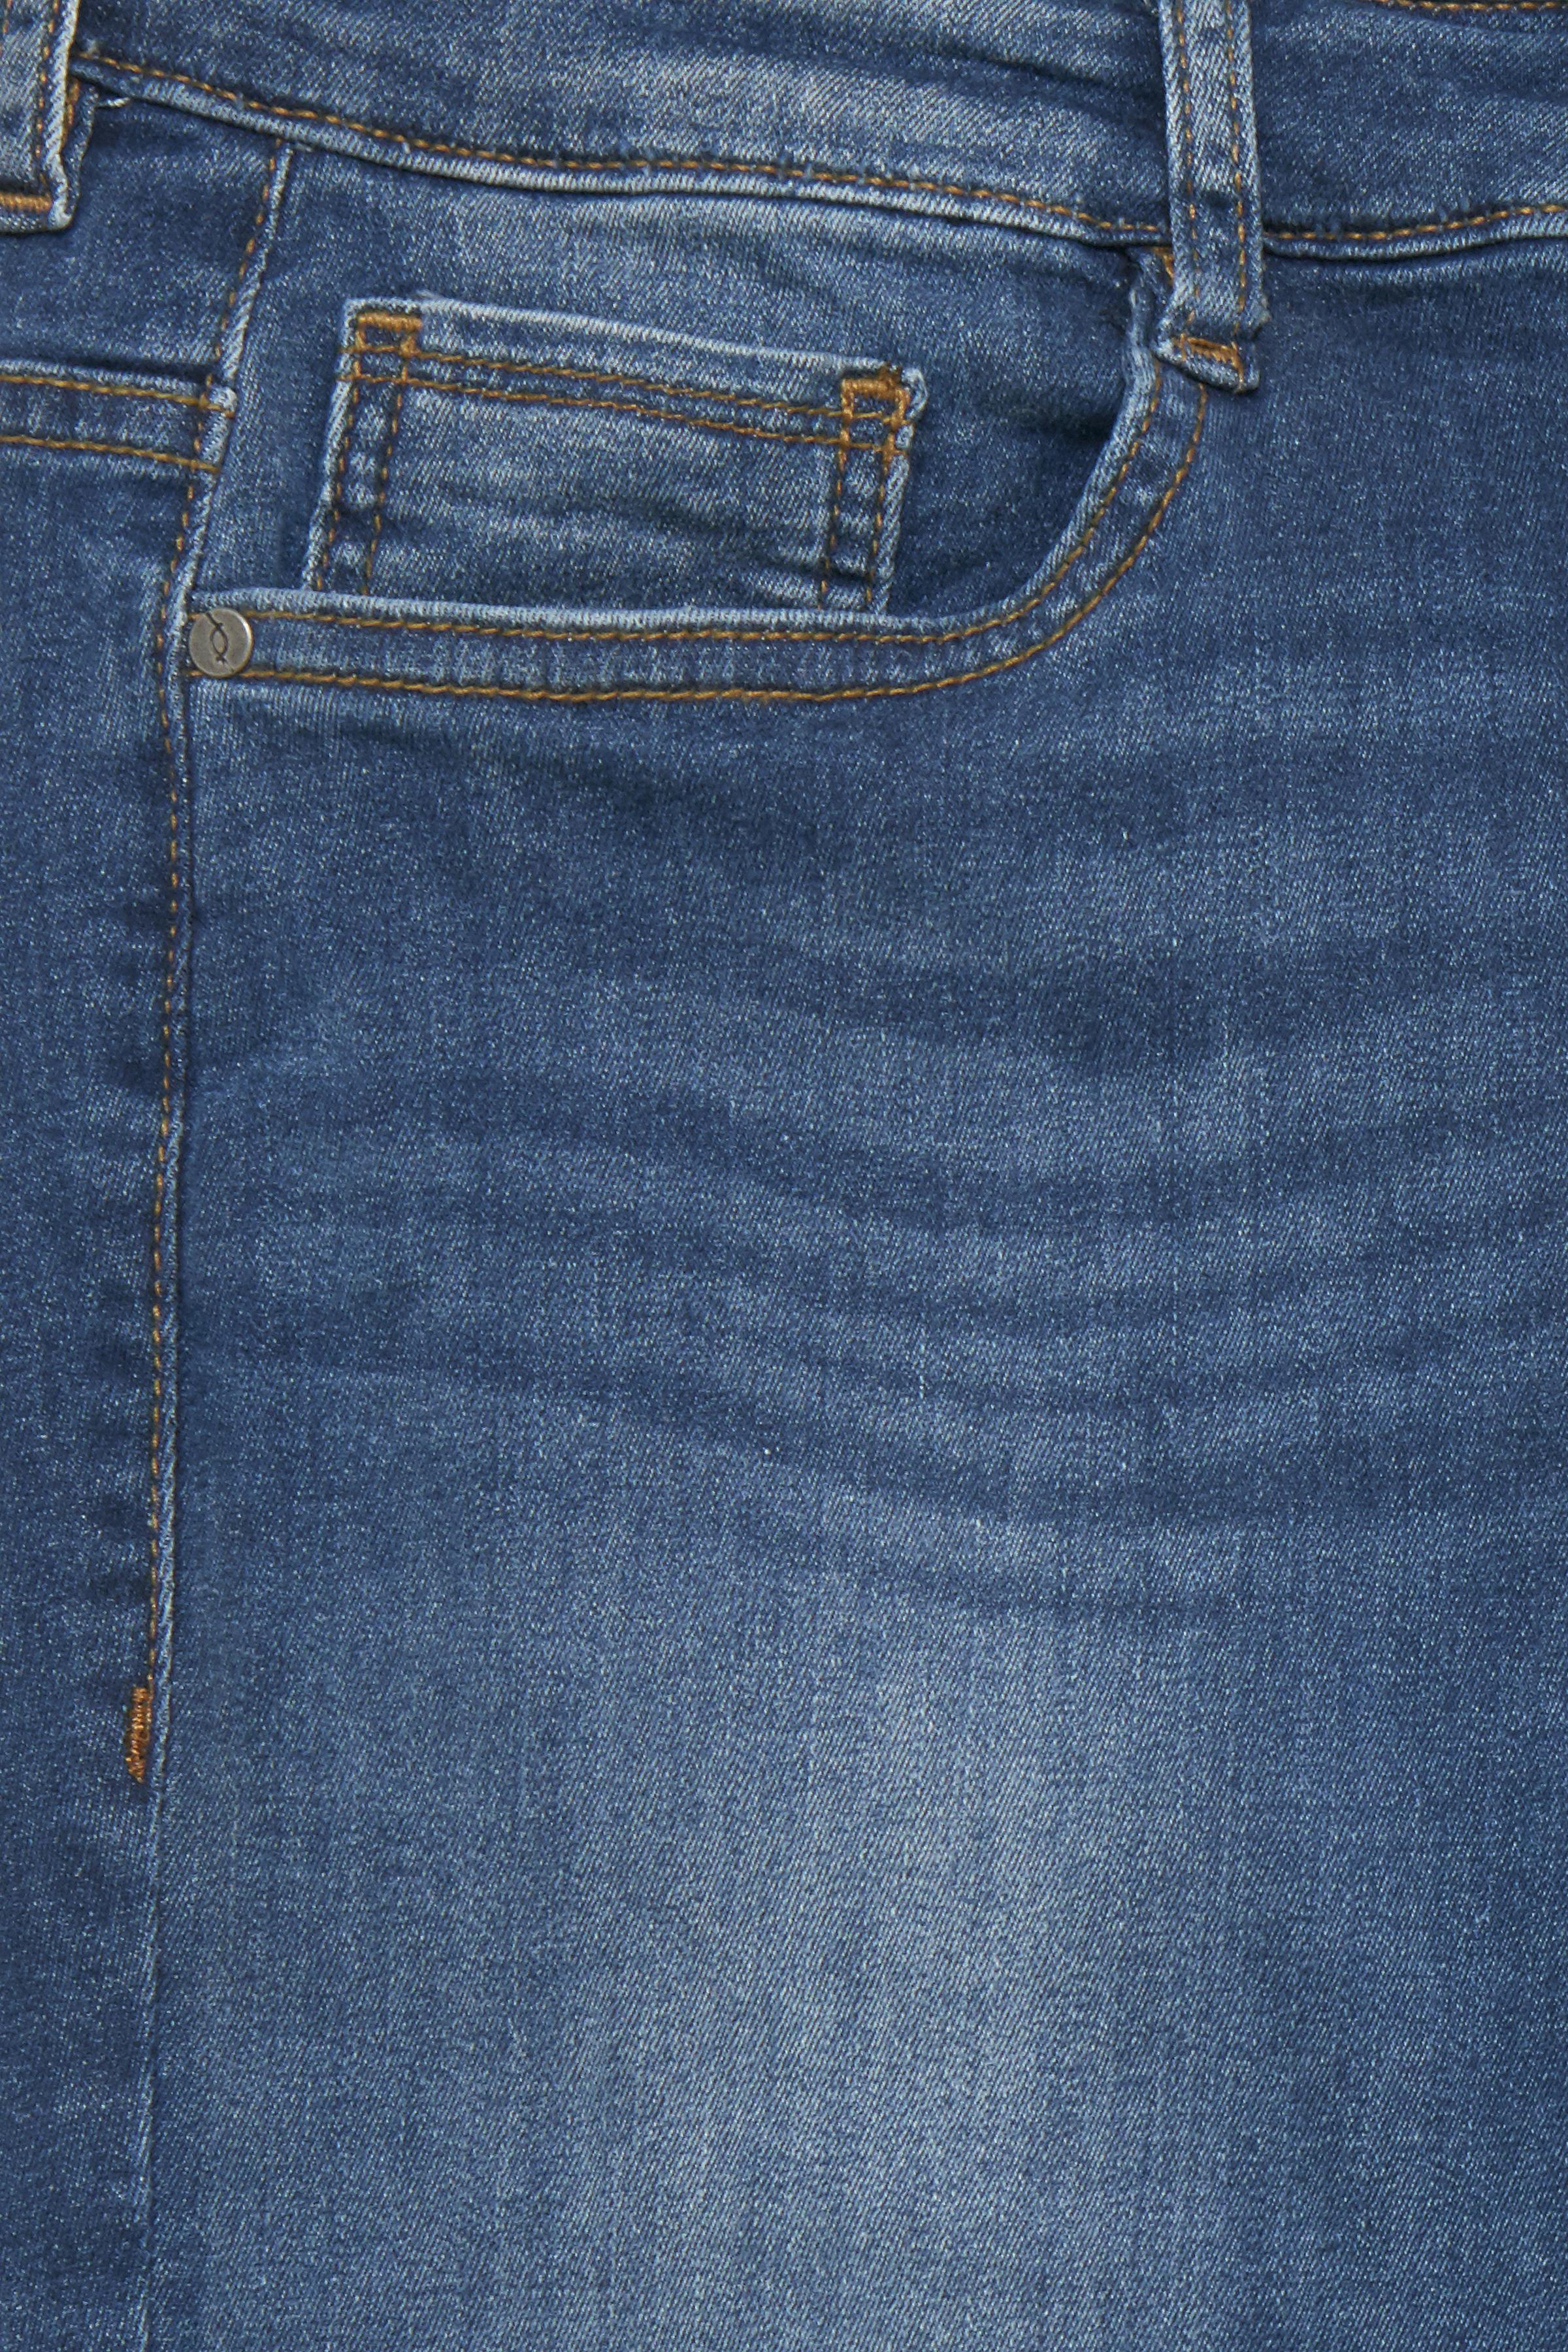 Denimblå Denimbyxa från Fransa – Köp Denimblå Denimbyxa från stl. 34-46 här